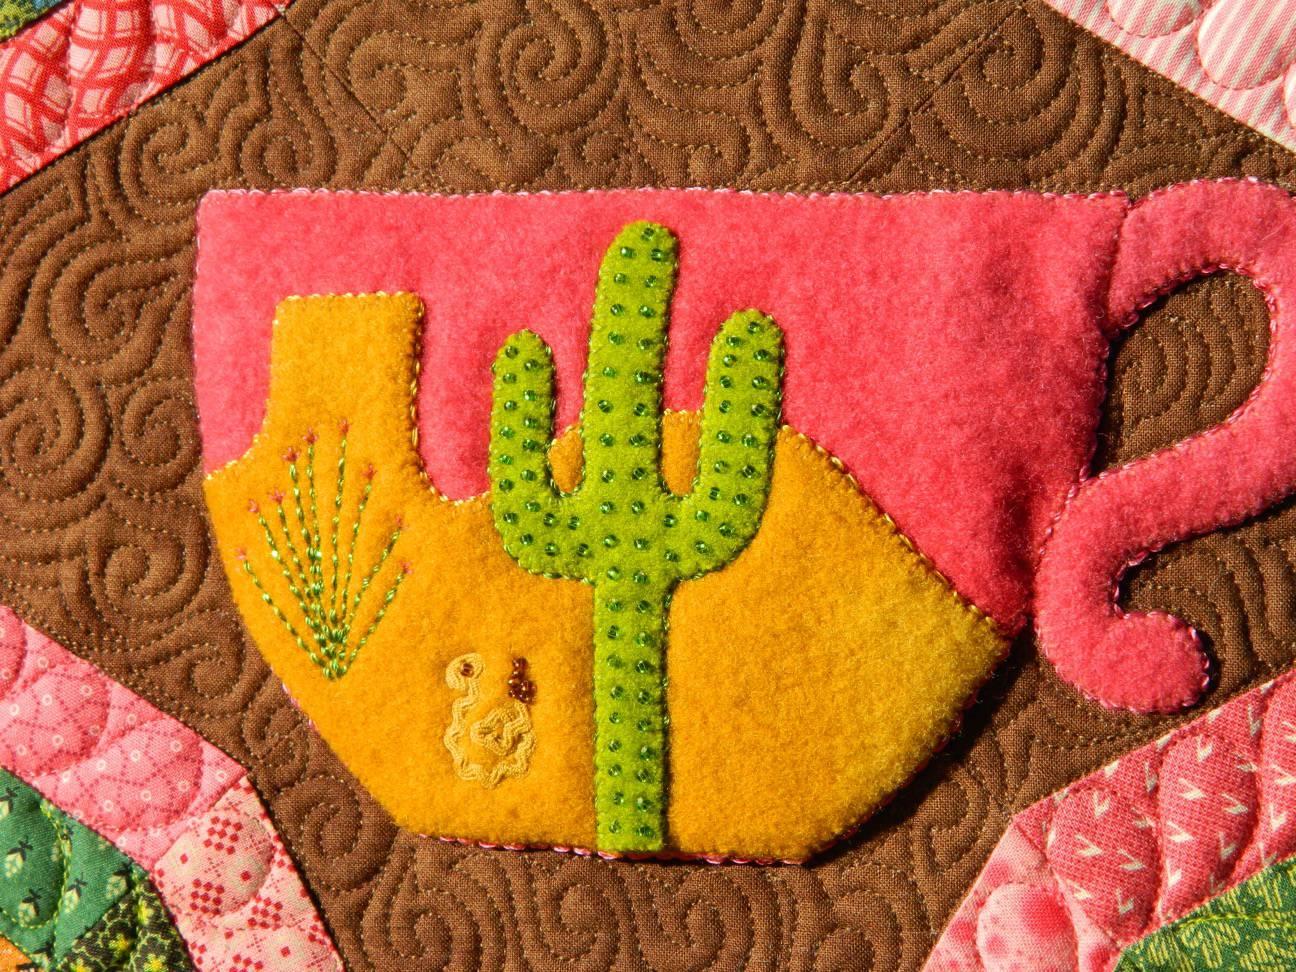 teacup cactus 2.JPG